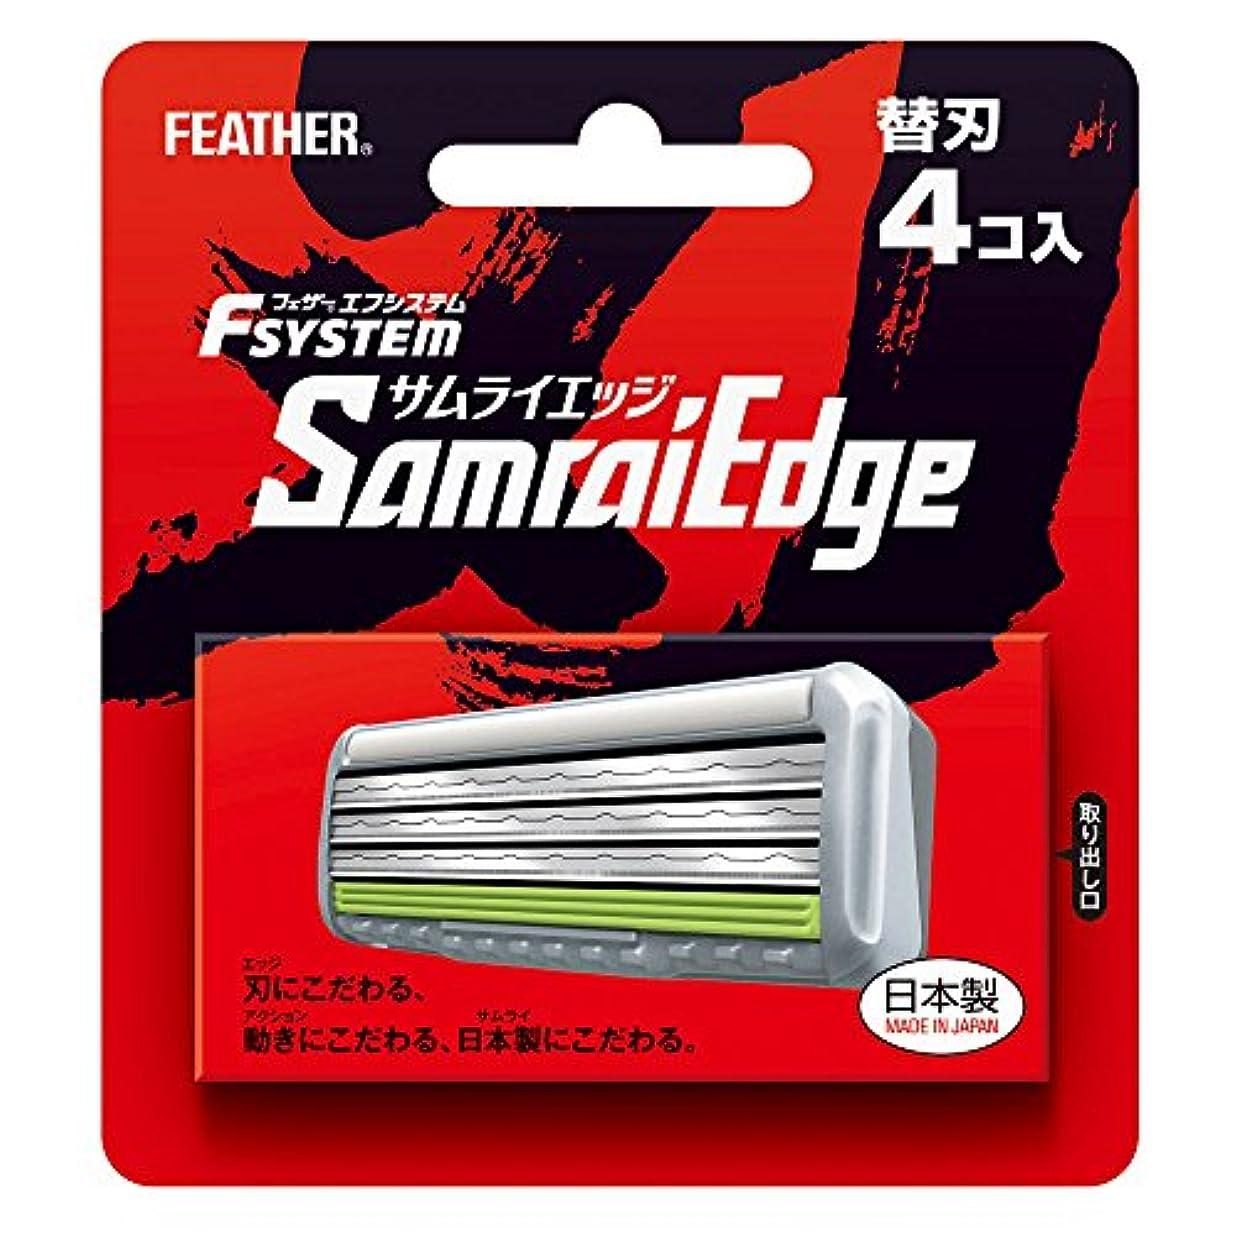 矛盾黒くするダーベビルのテスフェザー エフシステム 替刃 サムライエッジ 4コ入 (日本製)